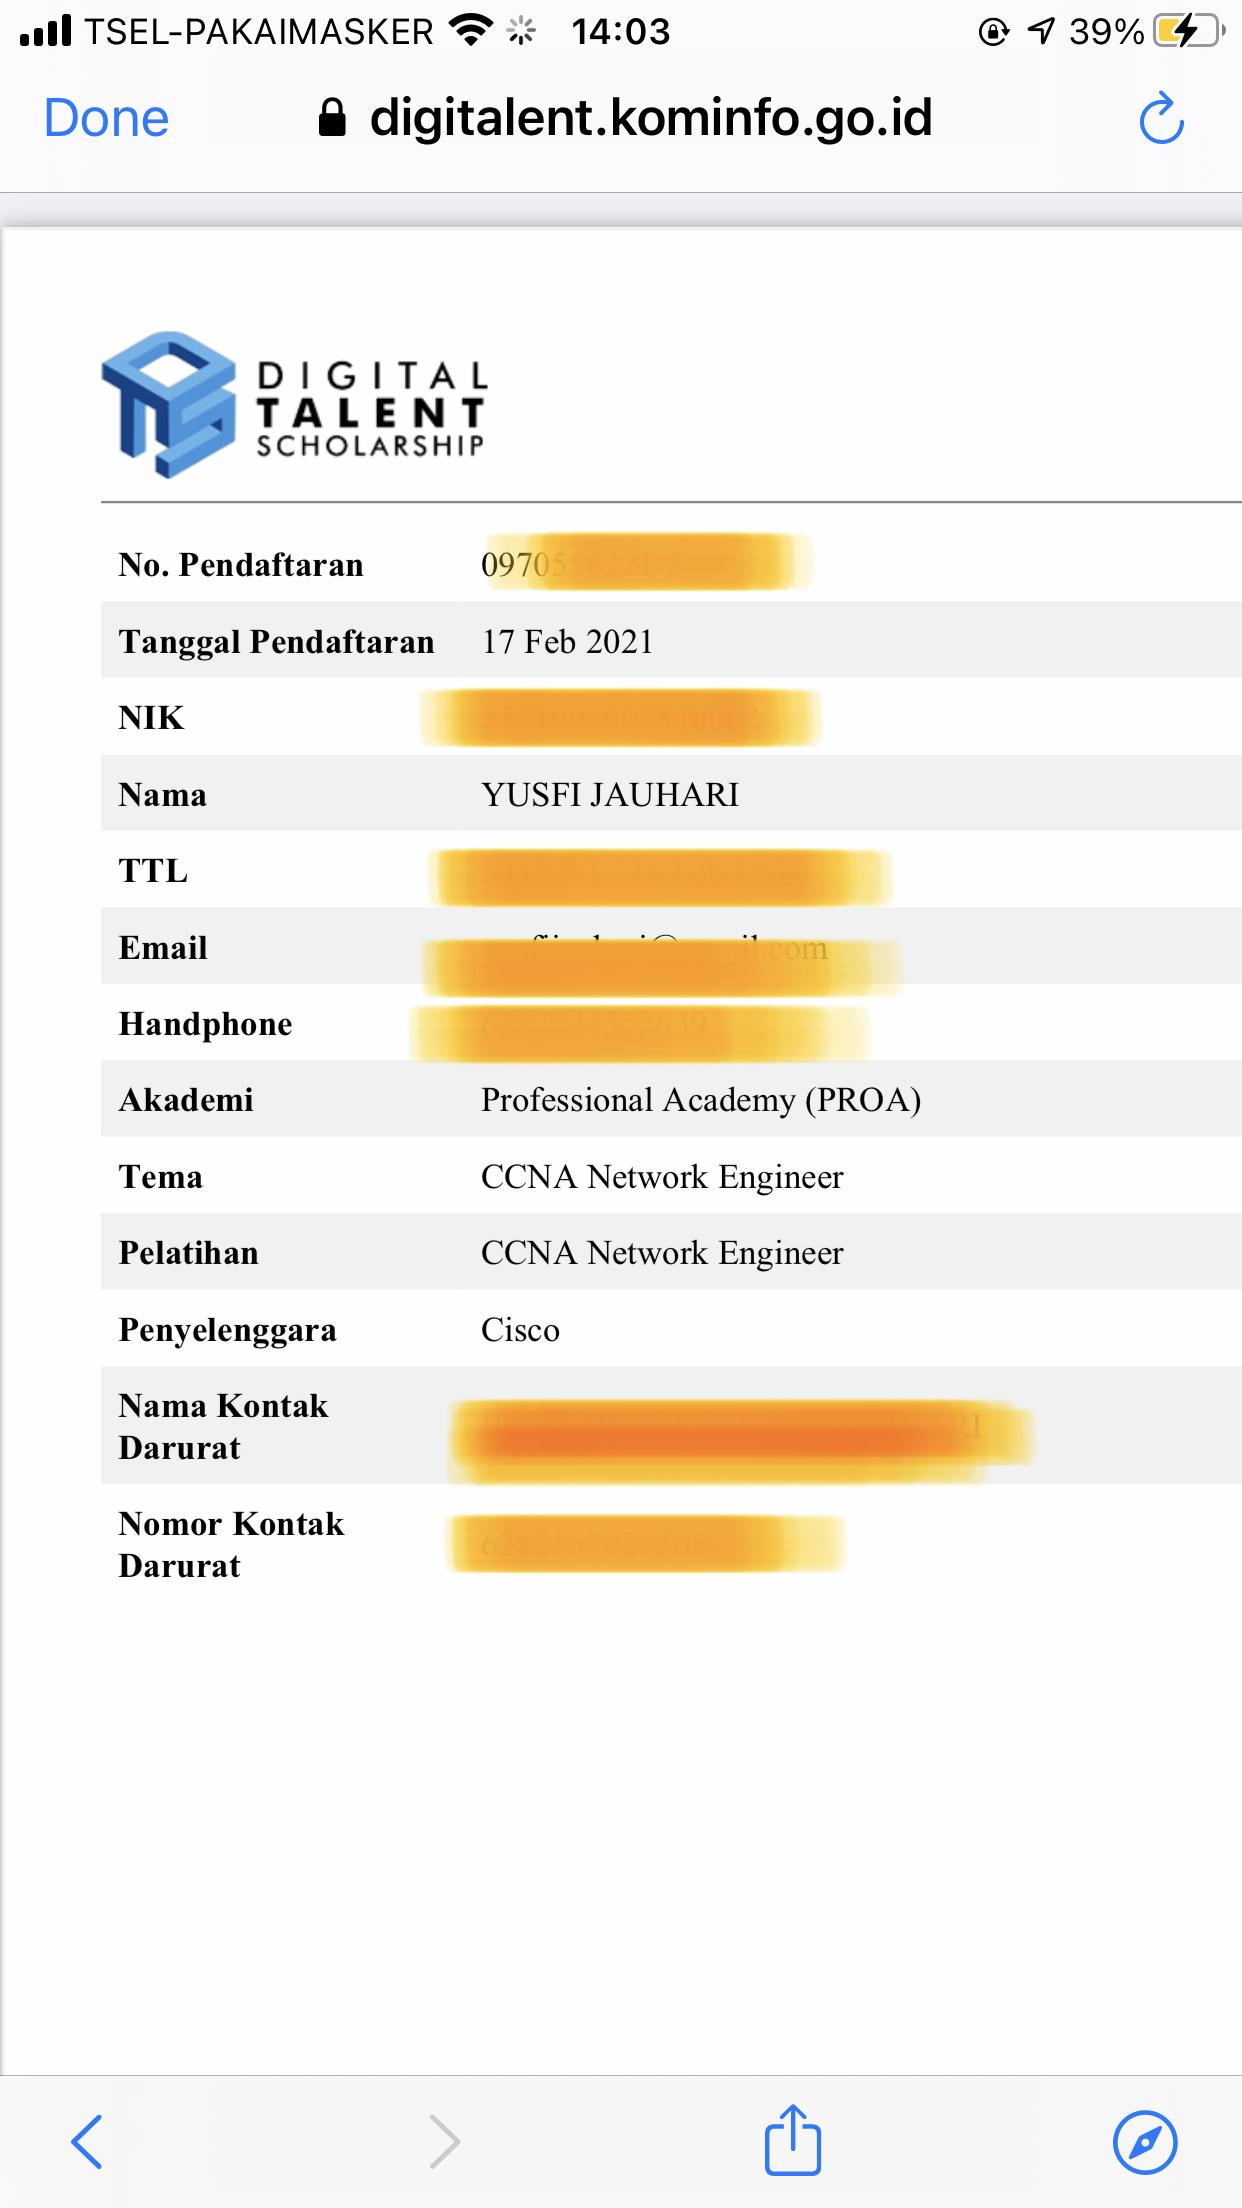 Bukti Pendaftaran Peserta Digitalent DTS PROA 2021